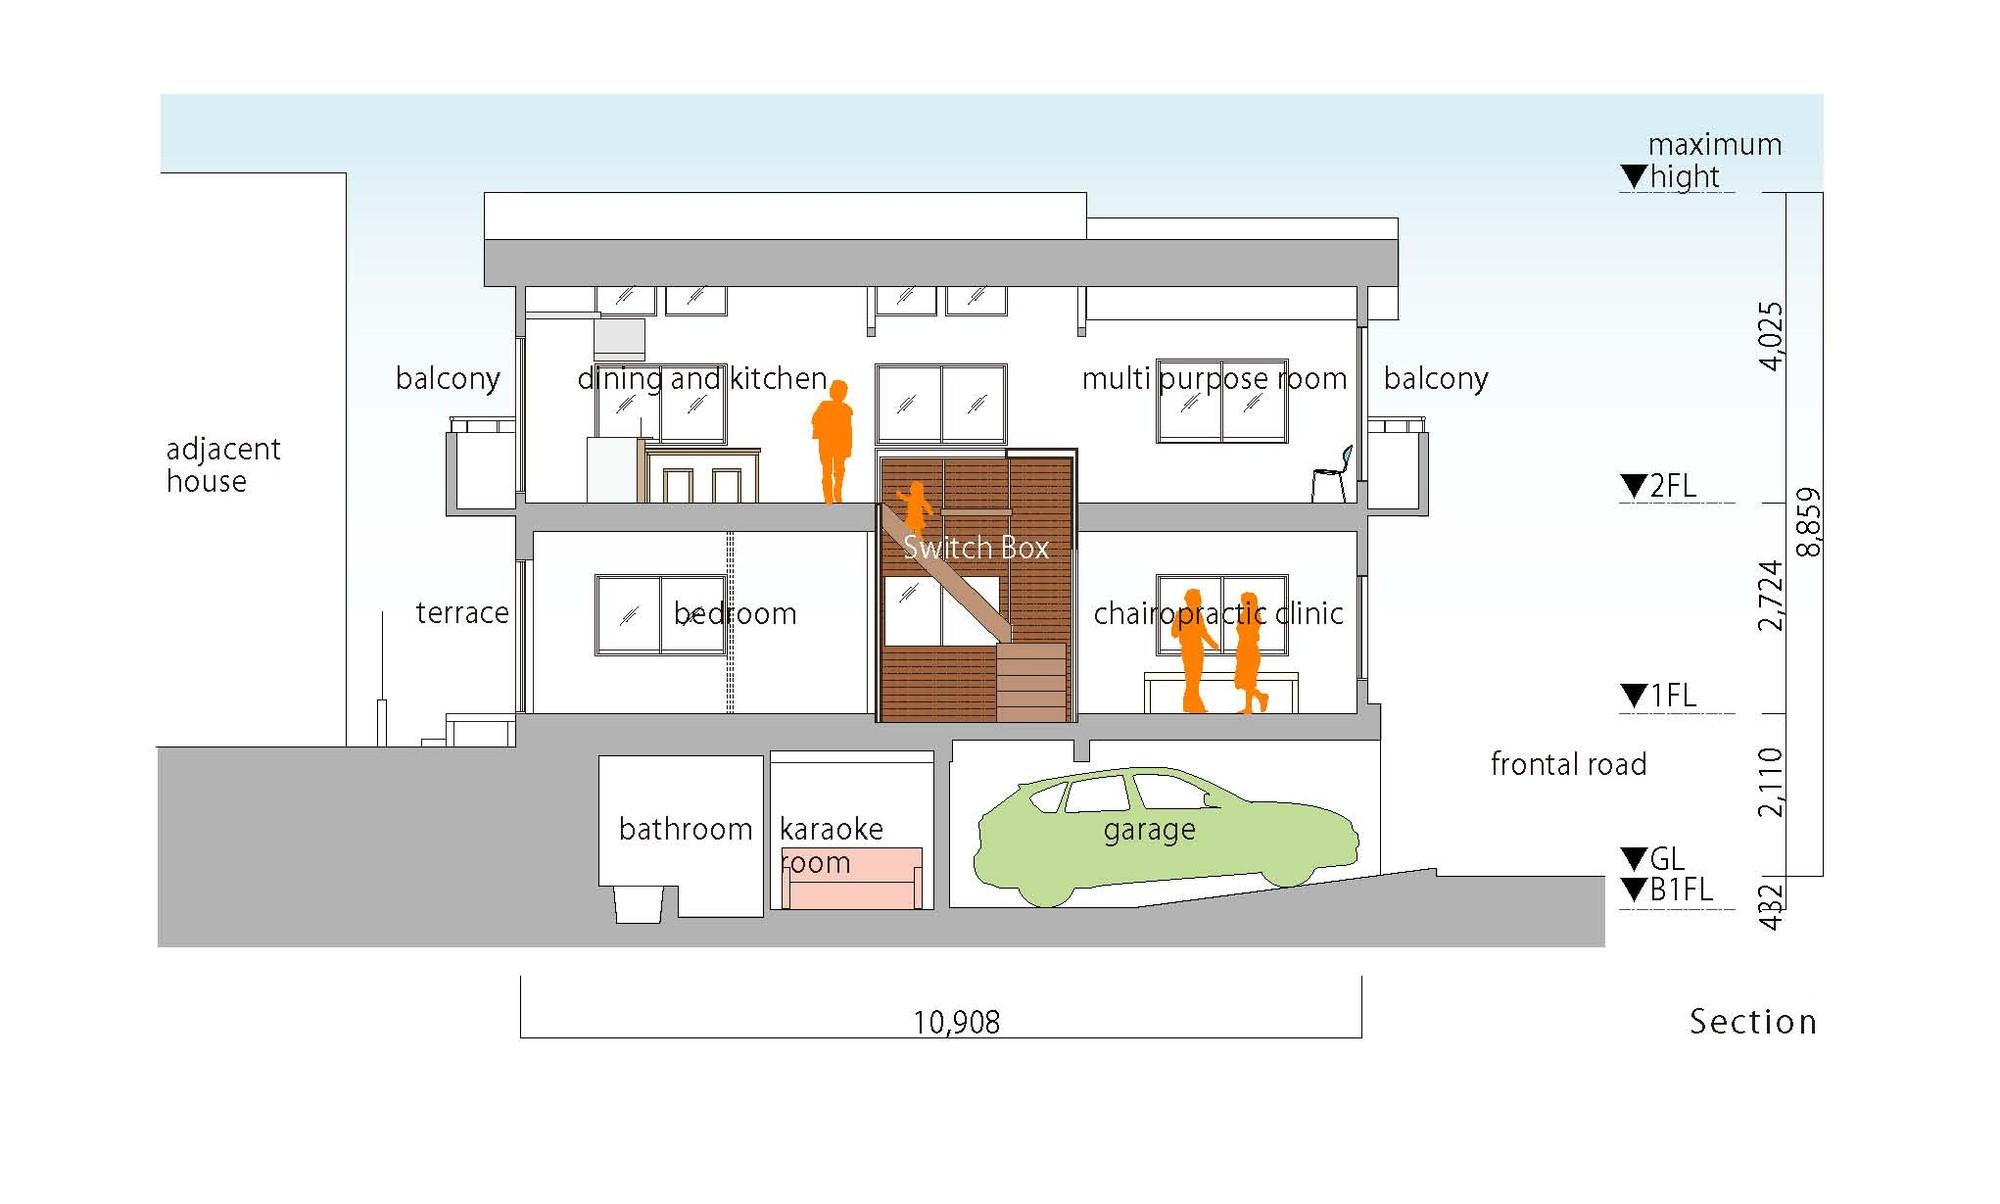 4 Bedroom House Plans  BuilderHousePlanscom